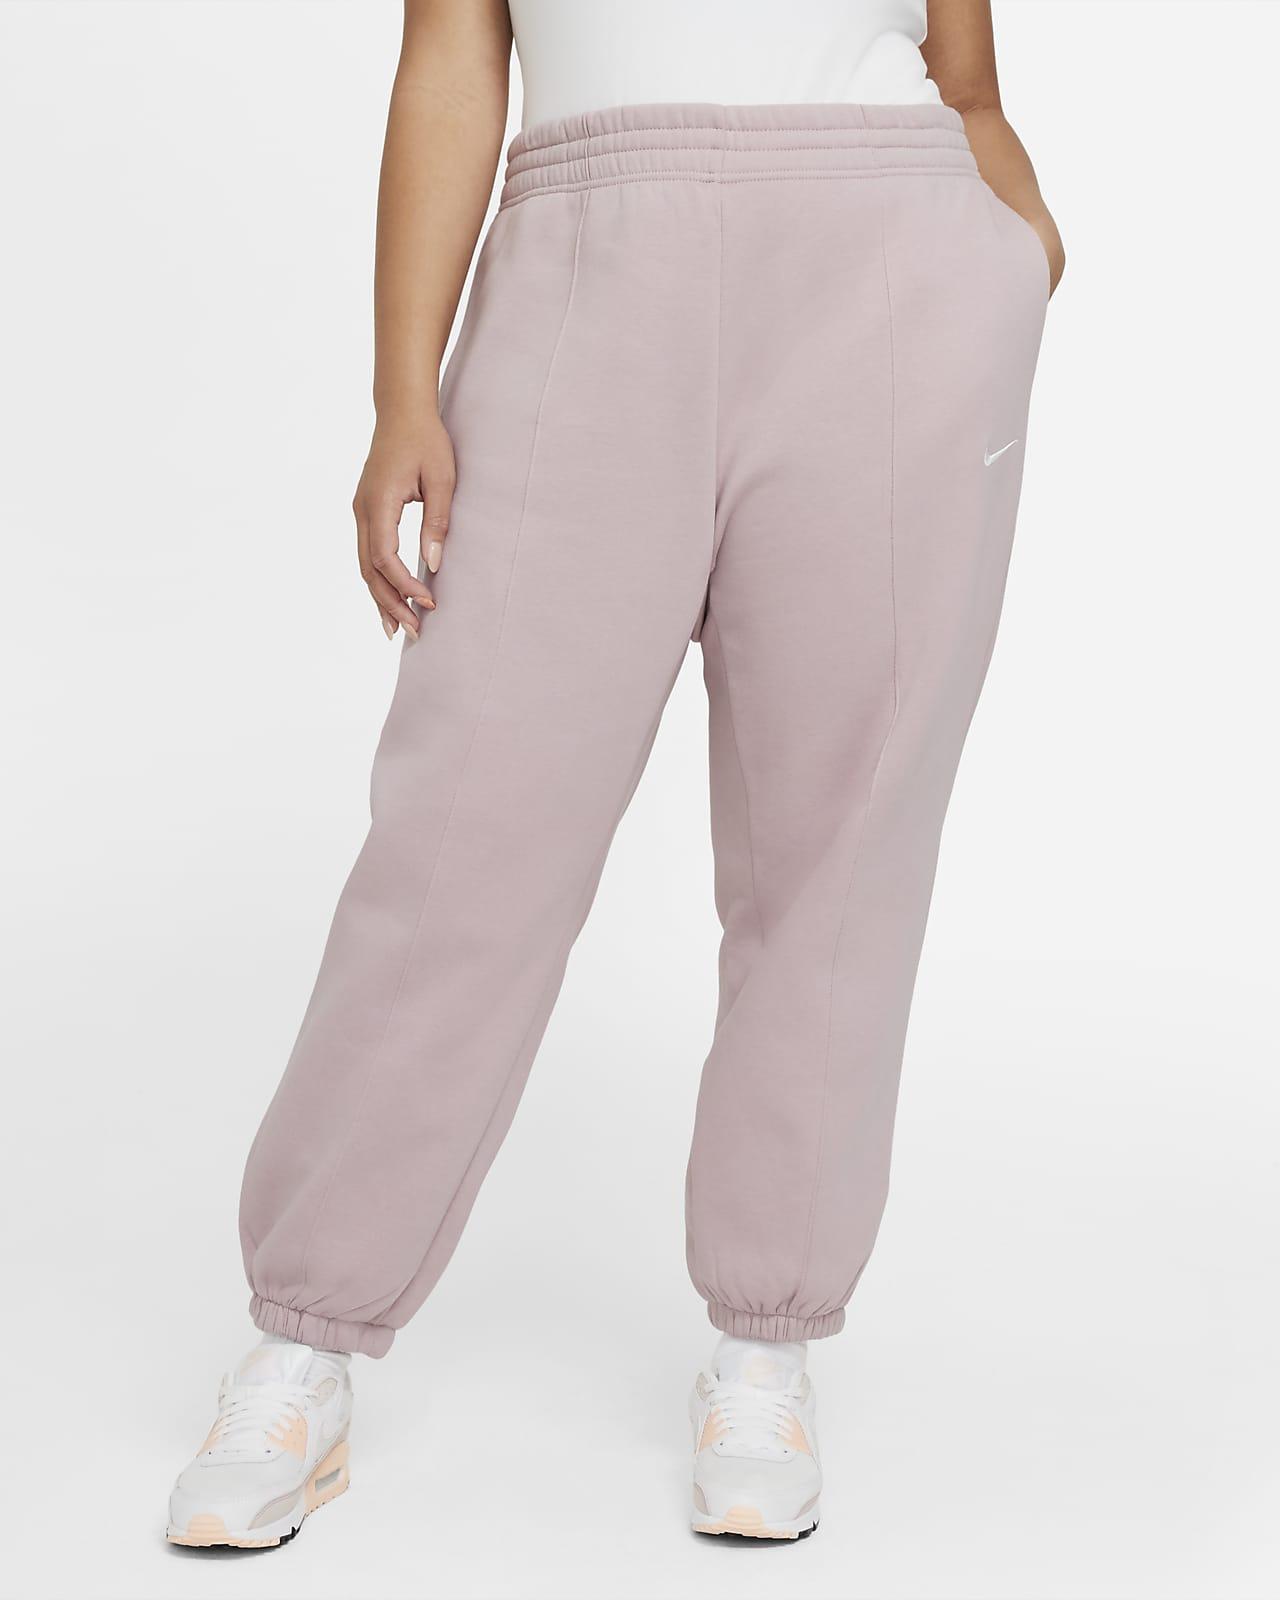 Pantalon en tissu Fleece Nike Sportswear Trend pour Femme (grande taille)